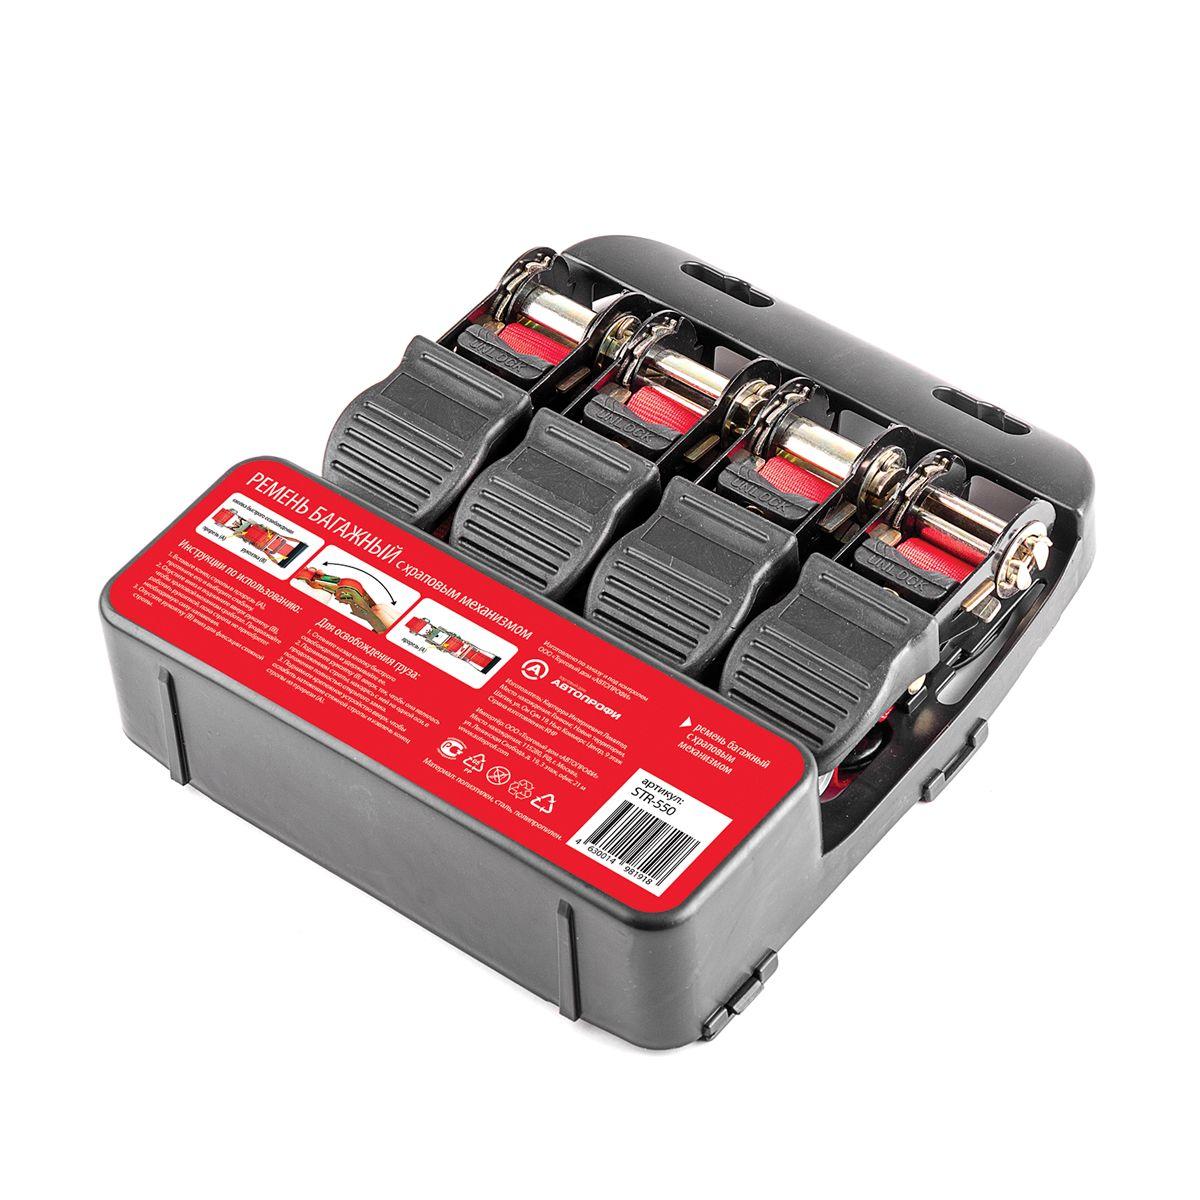 Ремень багажный Autoprofi, с храповым механизмом, 2,5 см, 4,5 м, 4 штSTR-550Стяжки для крепления груза Autoprofi позволят зафиксировать даже негабаритный багаж и предотвратить его повреждение при перевозке. Они могут применяться как в автомобиле, так и в остальных транспортных средствах. Кроме того, стяжки находят широкое применение в хозяйственно-бытовых нуждах. Например, с помощью стяжек груза можно закрепить багажник на автомобиле, сноуборд, доски для серфинга, строительный материал и многое другое.Длина: 4,5 м.Ширина: 2,5 см.Прочность на разрыв: 550 кг.